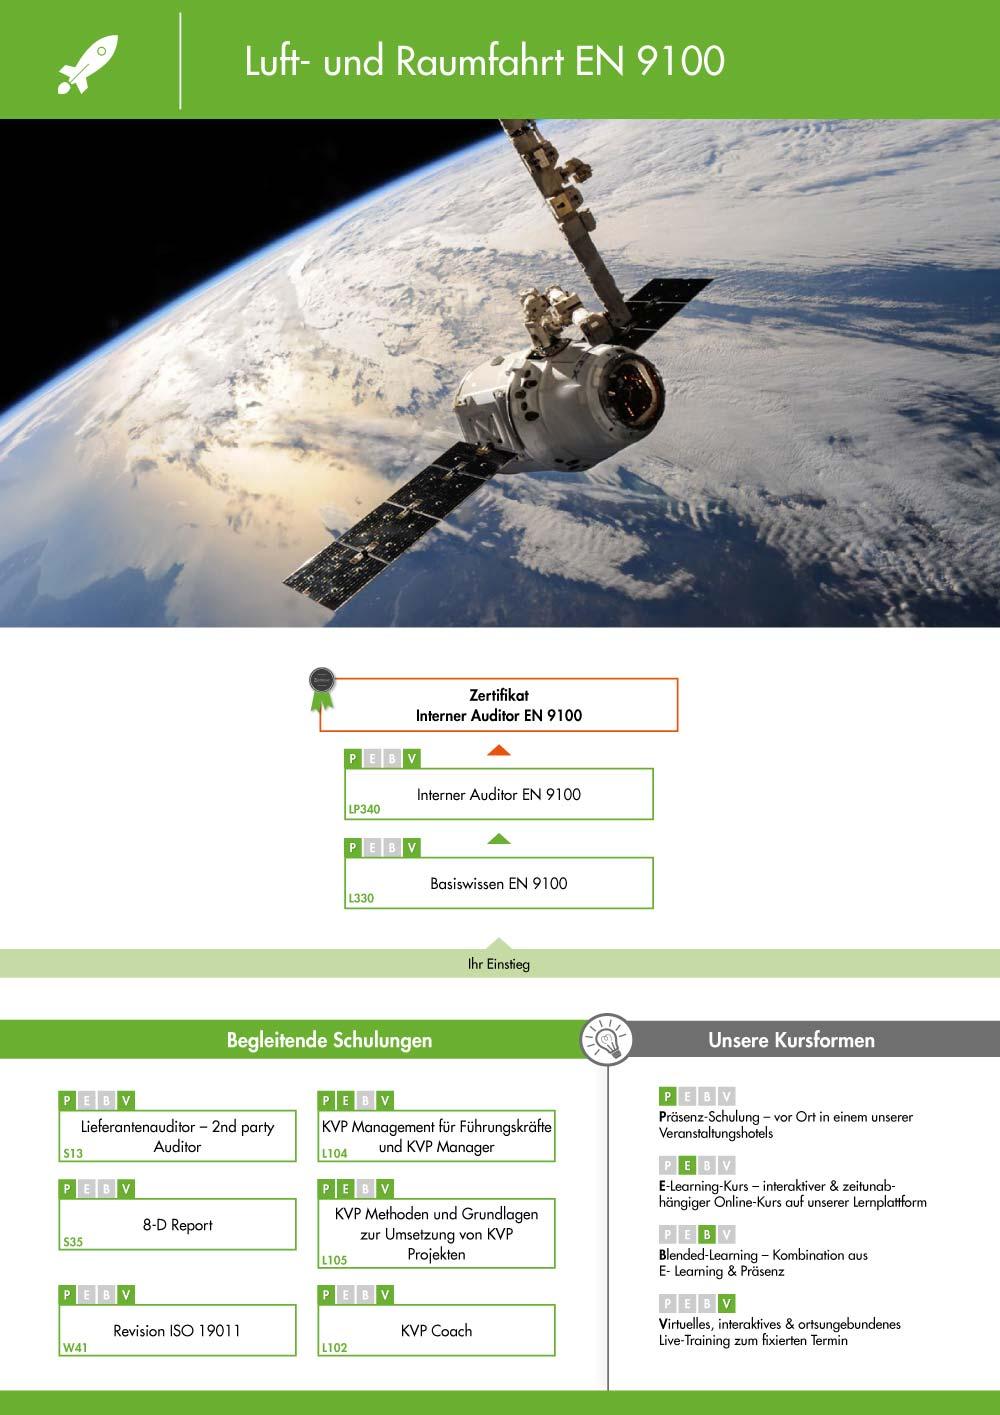 Ausbildungsübersicht - Qualitätsmanagement Luft- und Raumfahrt